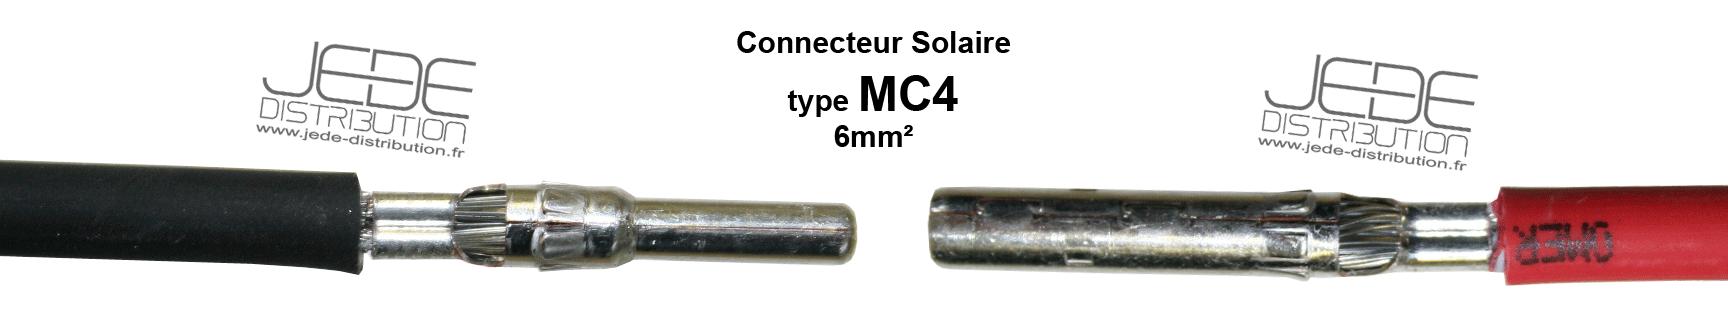 connecteurs-solaire-MC4-sertis-avec-pince-click-n-crimp-SOLAIRE-JEDE-distribution_-_Copie_-_Copie.png